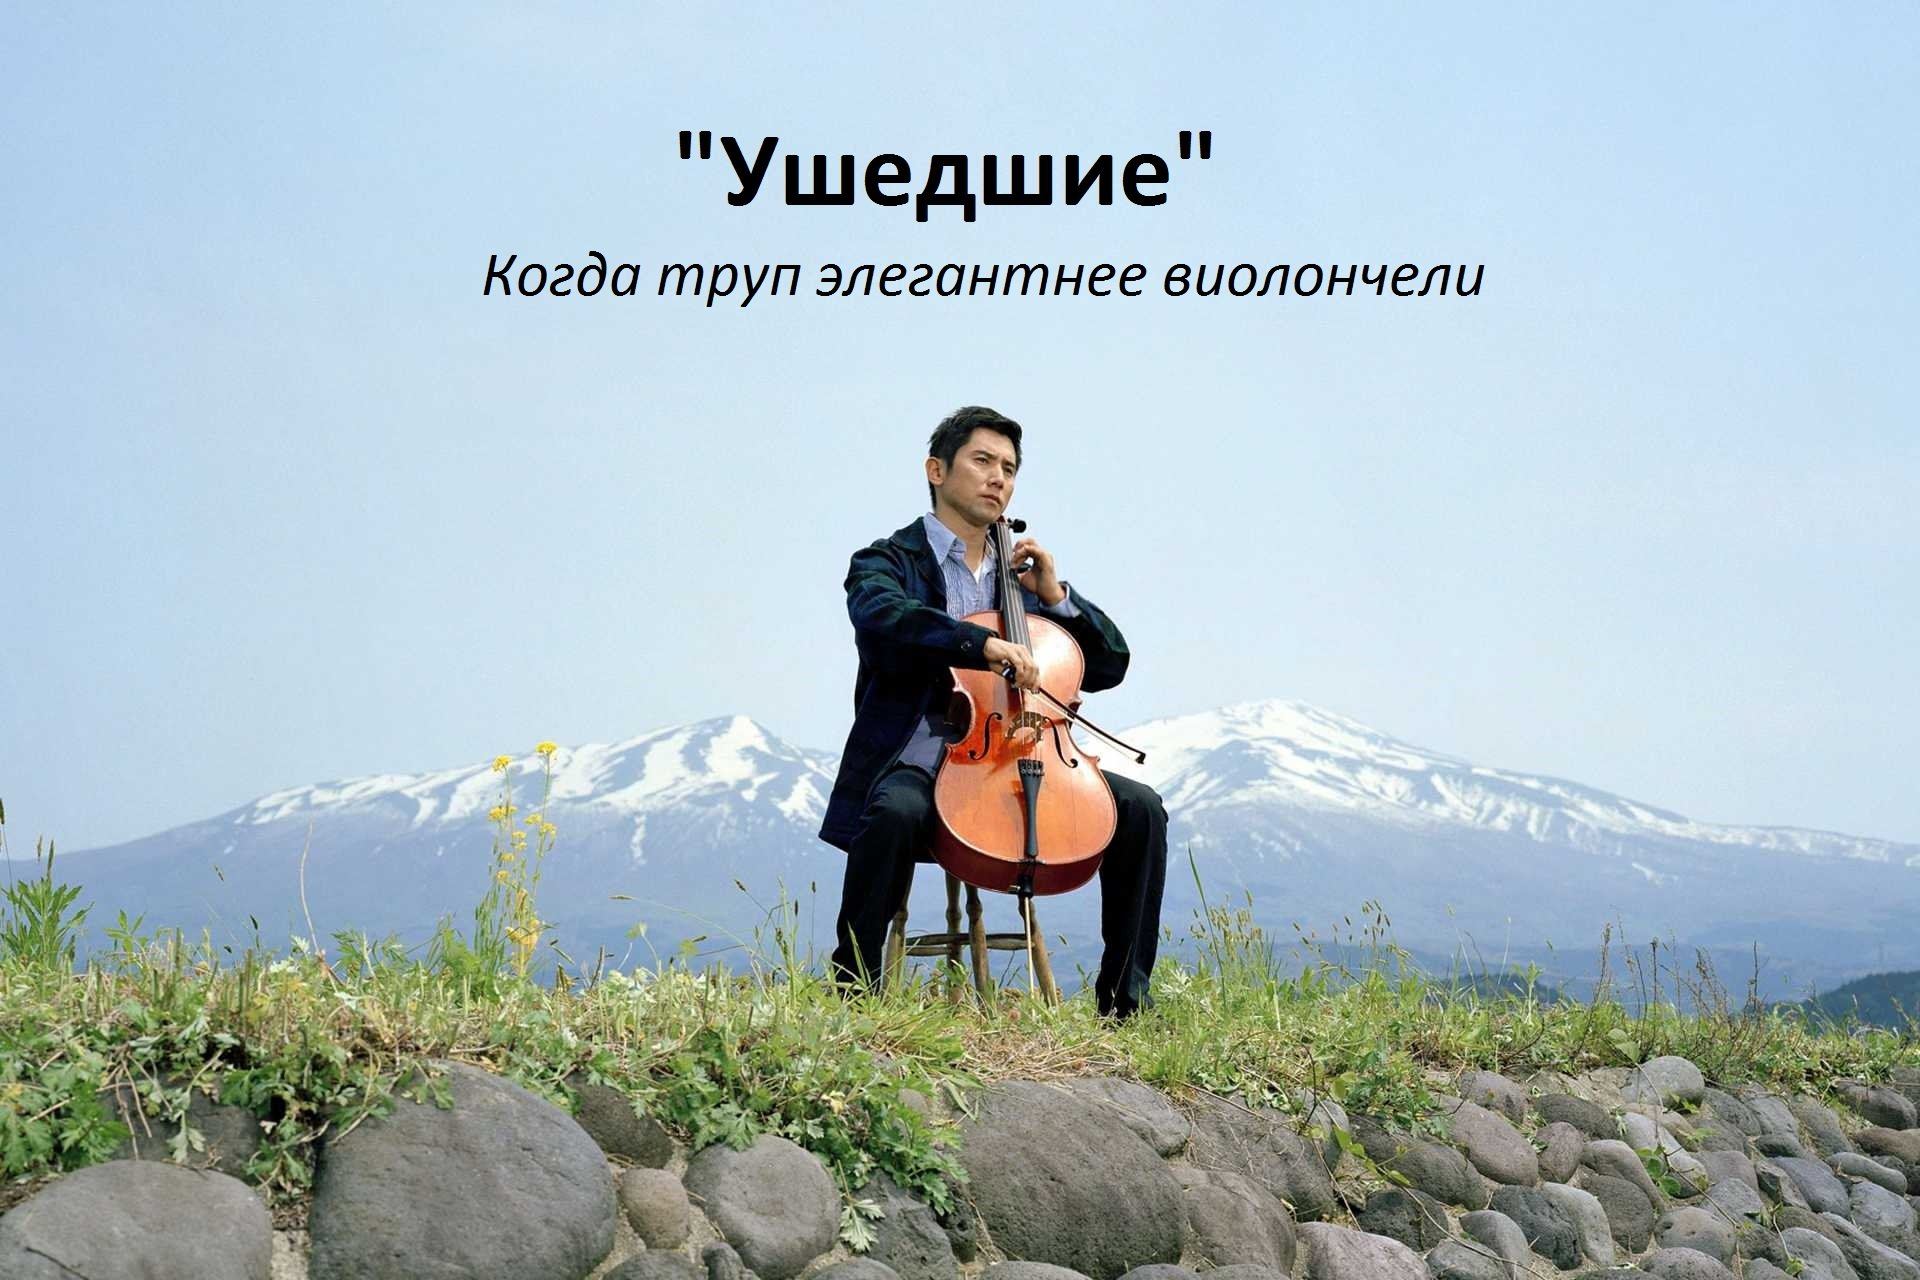 """""""Ушедшие"""": когда труп элегантнее виолончели - Изображение 1"""